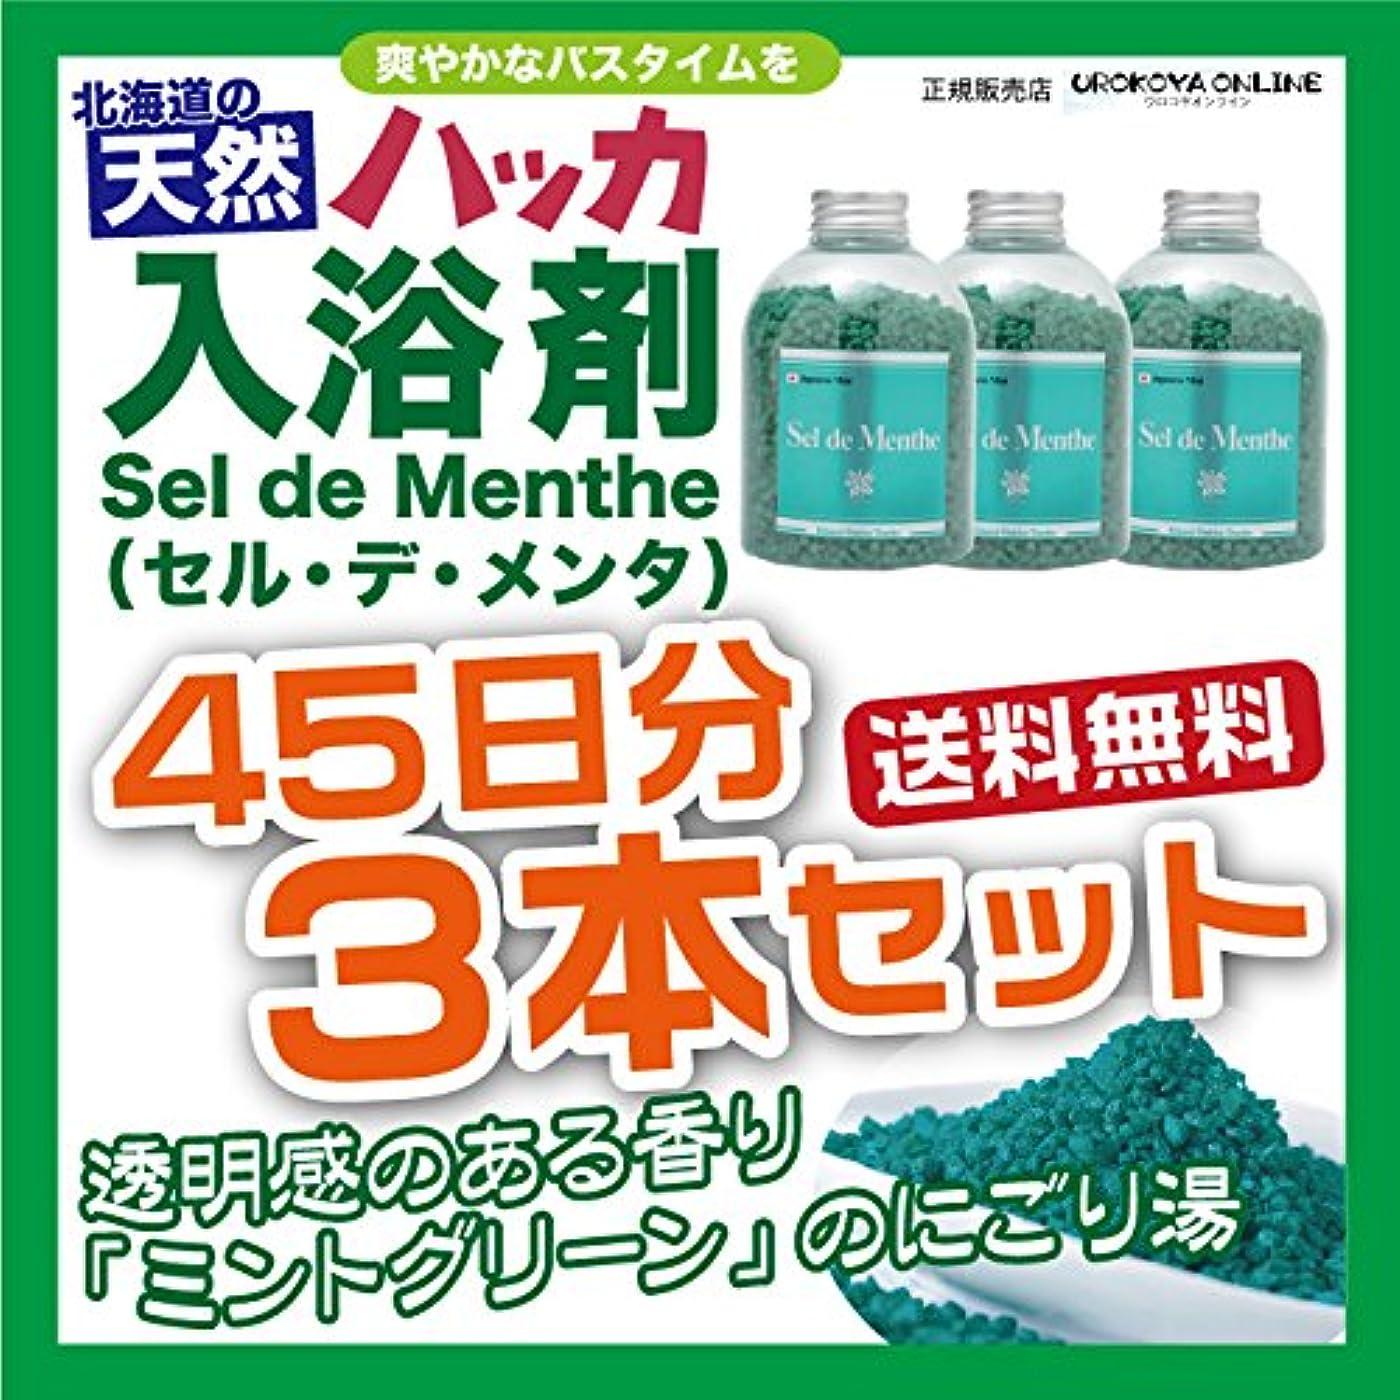 国歌実り多い異なる【3本セット】北見ハッカ通商 入浴剤Sel de Menthe(セル?デ?メンタ)徳用ボトル 3本セット 1350g